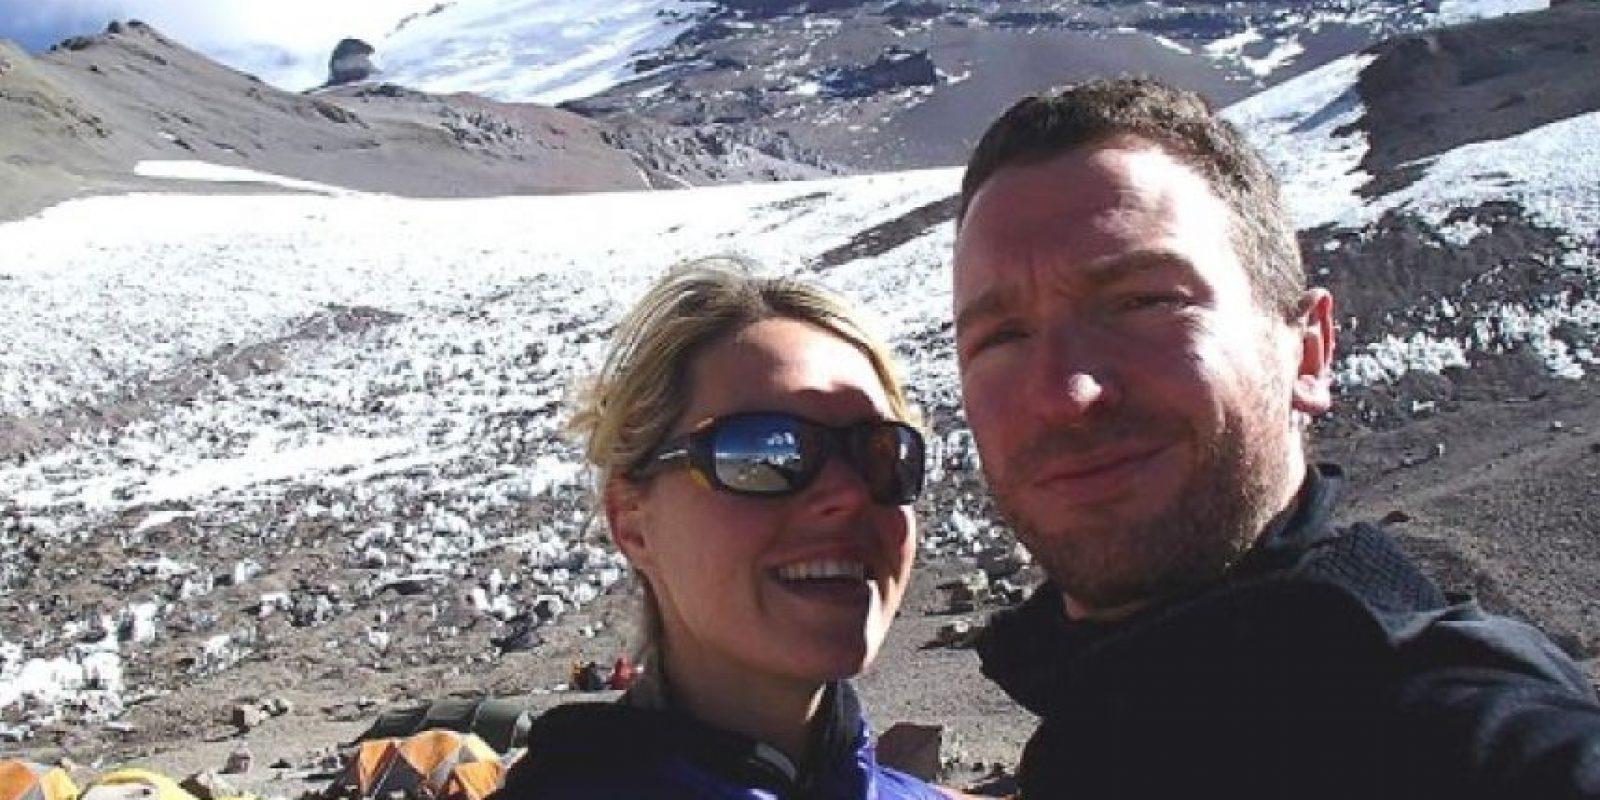 Murió frente a su esposo al llegar al Monte Everest Foto: Facebook/marisa.strydom.10